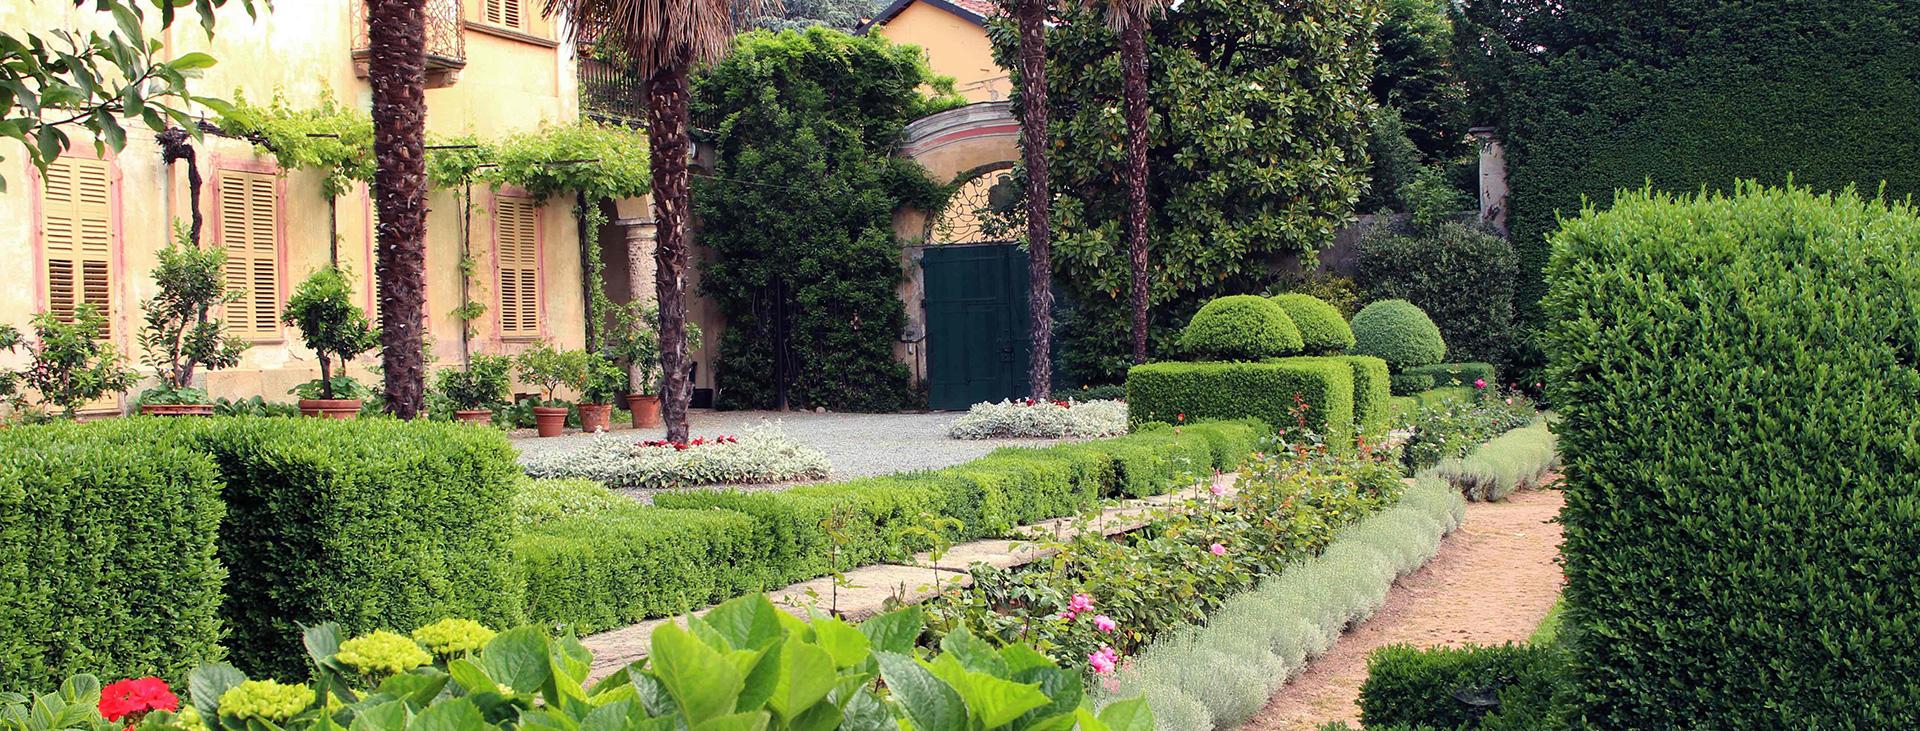 Il giardino e l 39 orto casa lajolo - L orto in giardino ...